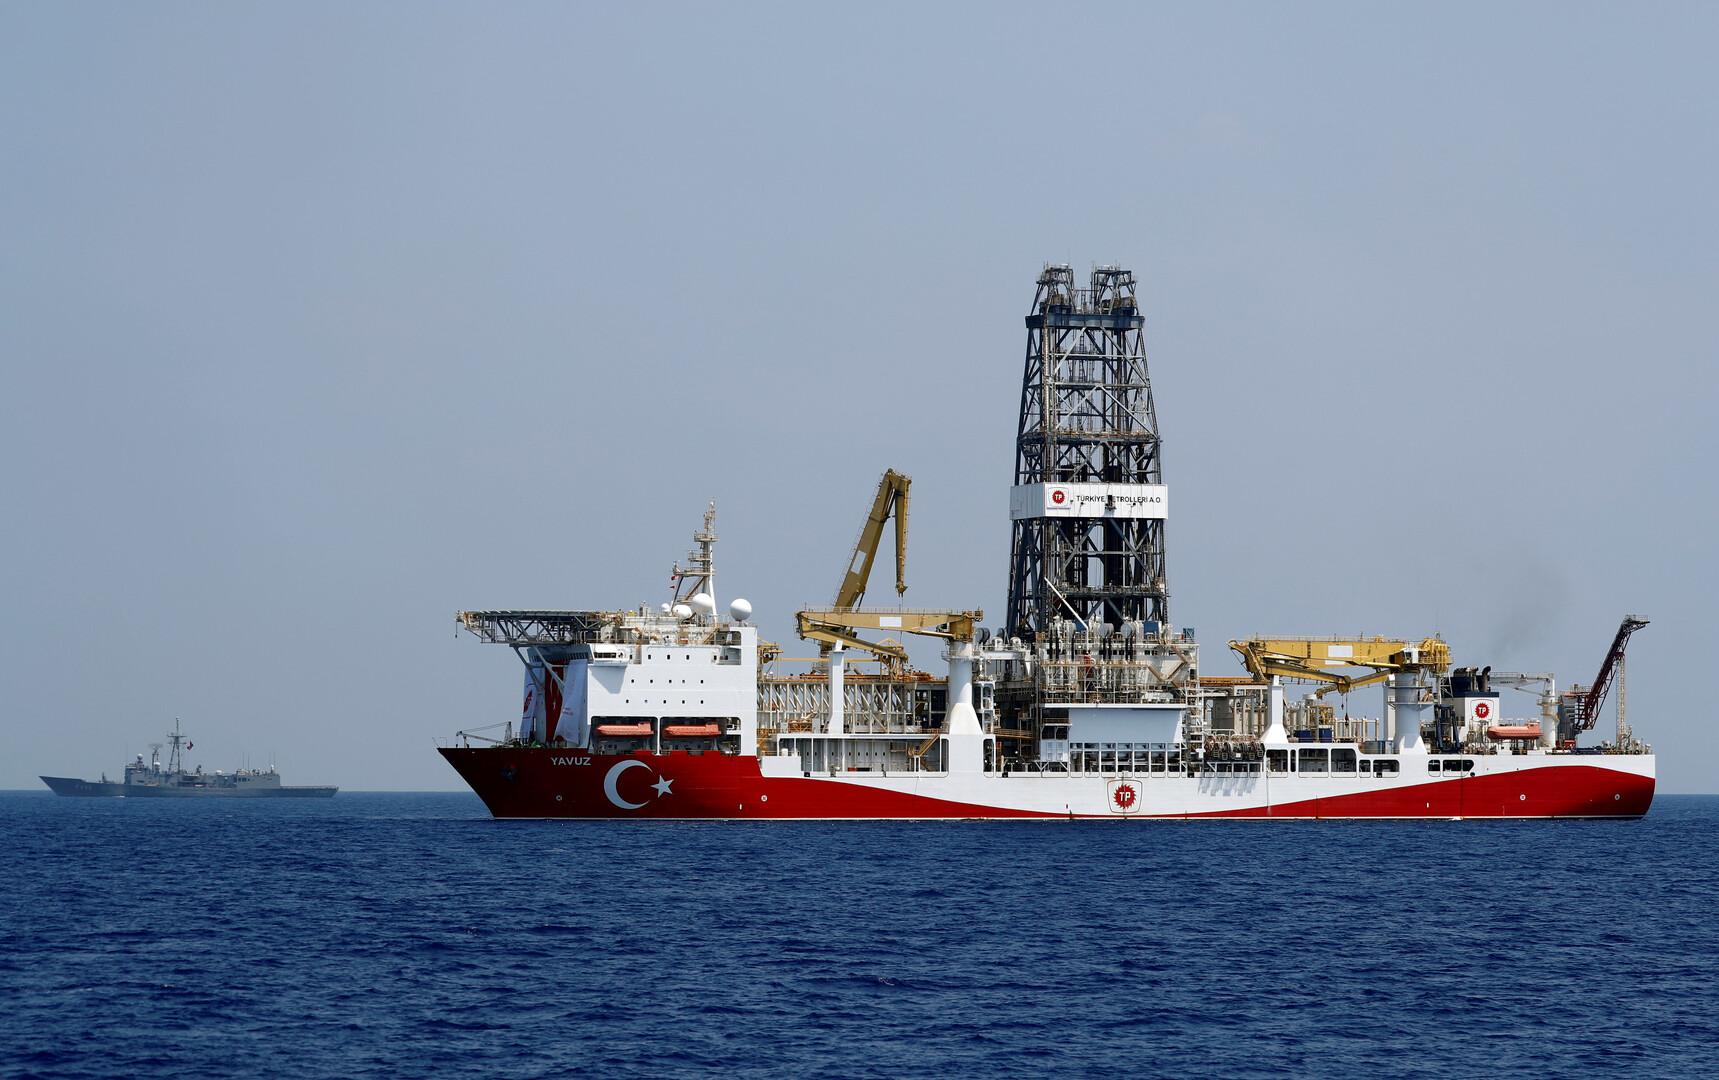 الاتحاد الأوروبي يعتزم فرض عقوبات ضد تركيا على خلفية أعمال التنقيب قبالة سواحل قبرص